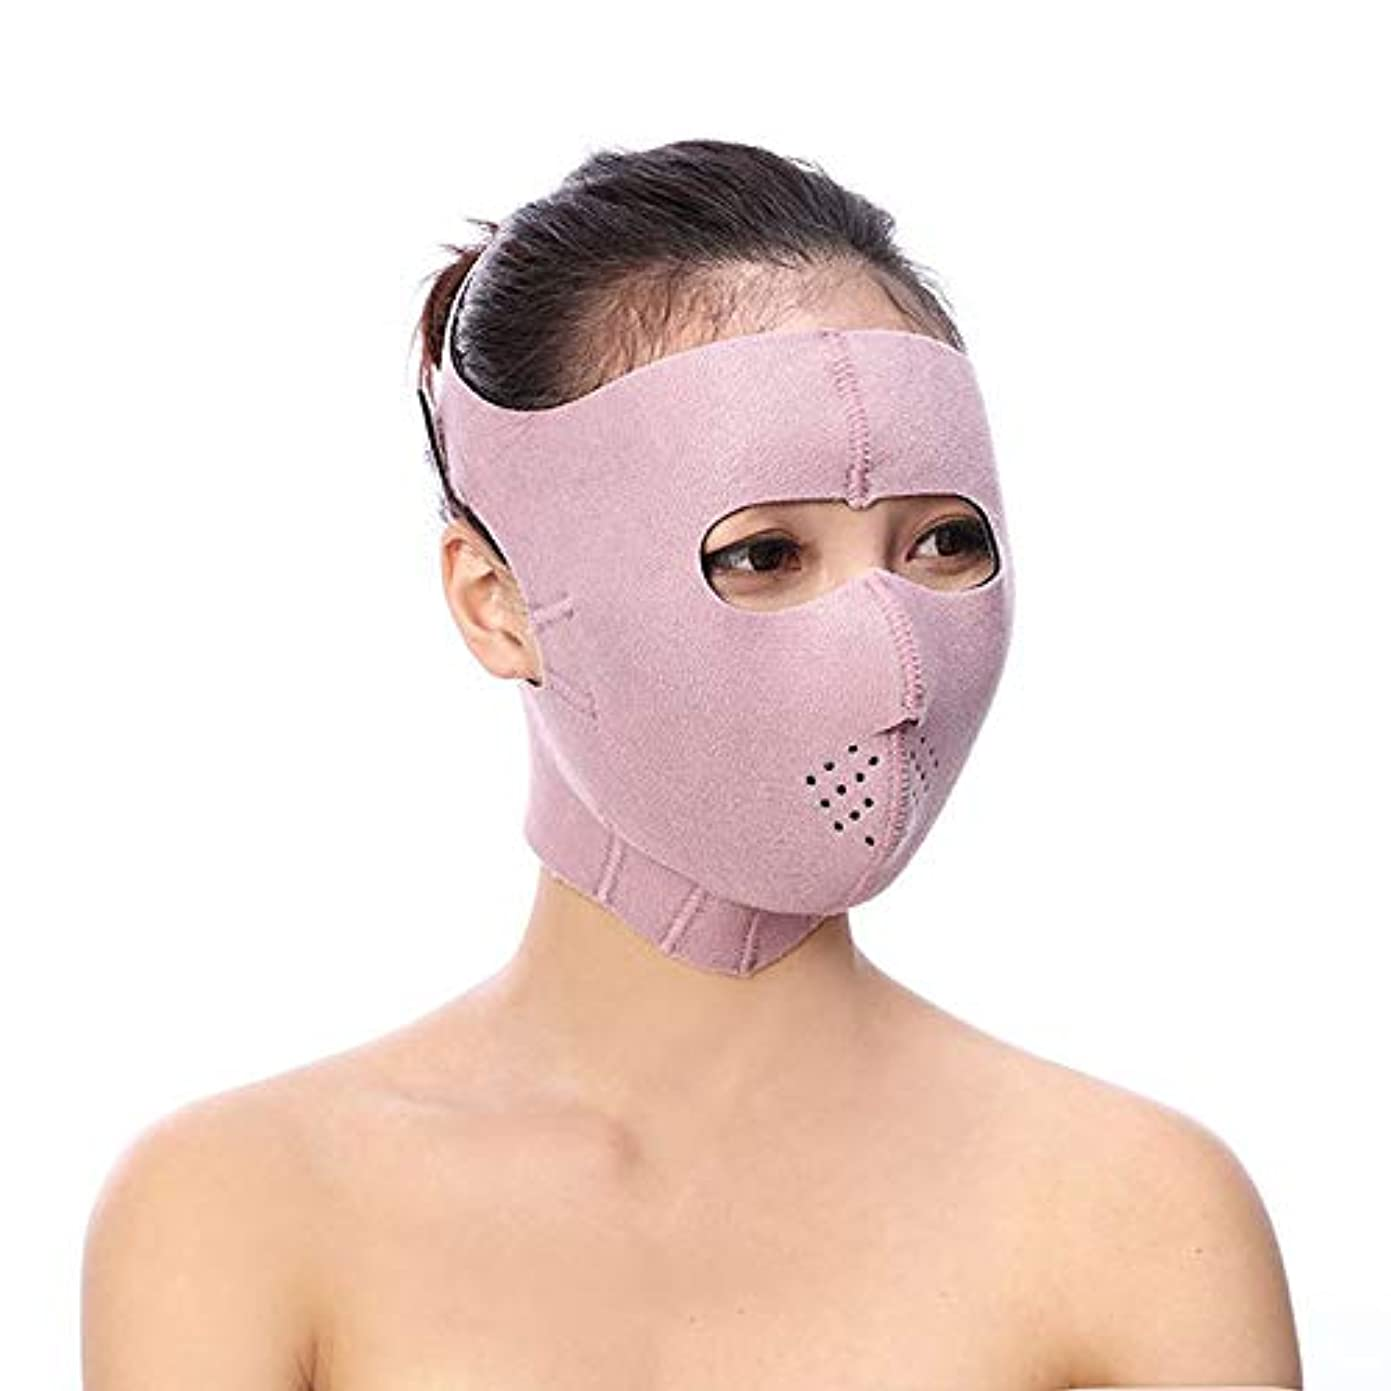 幻滅スクリーチあまりにもXINGZHE フェイシャルリフティング痩身ベルト - Vフェイス包帯マスクフェイシャルマッサージャー無料の薄いフェイス包帯整形マスクを引き締める顔と首の顔スリム フェイスリフティングベルト